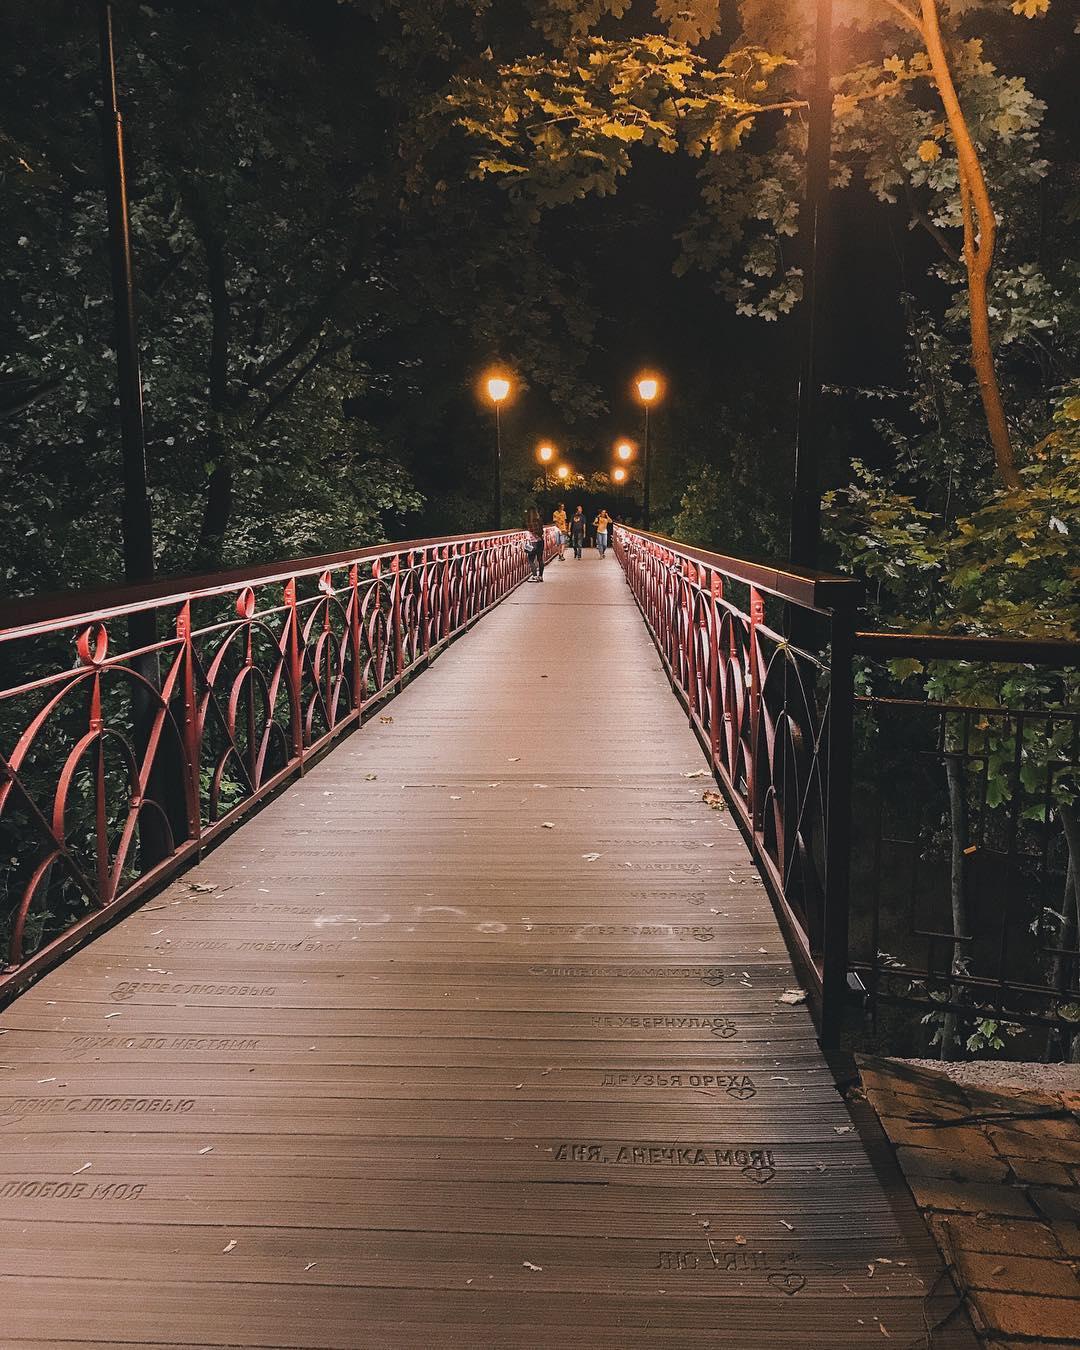 Труднее всего в жизни запомнить, какой мост надо перейти, а какой надо сжечь. Фото: @ig_shevchenko